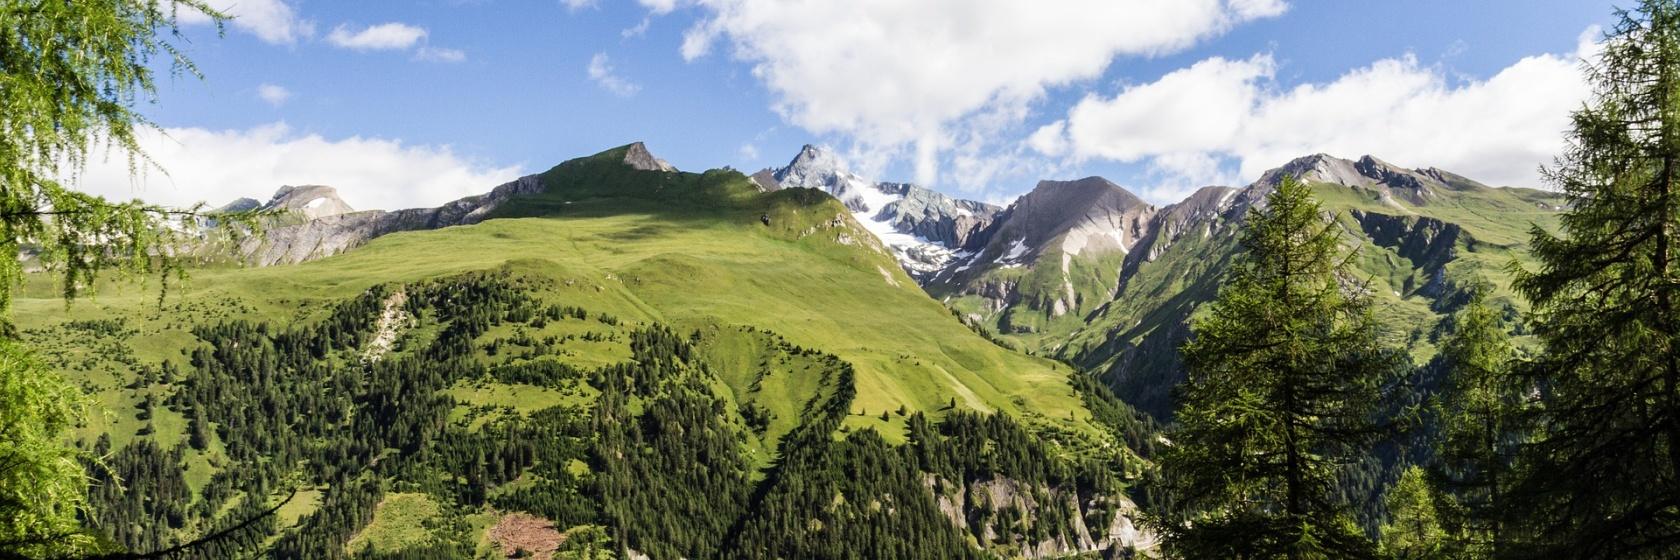 Osterrike vandring